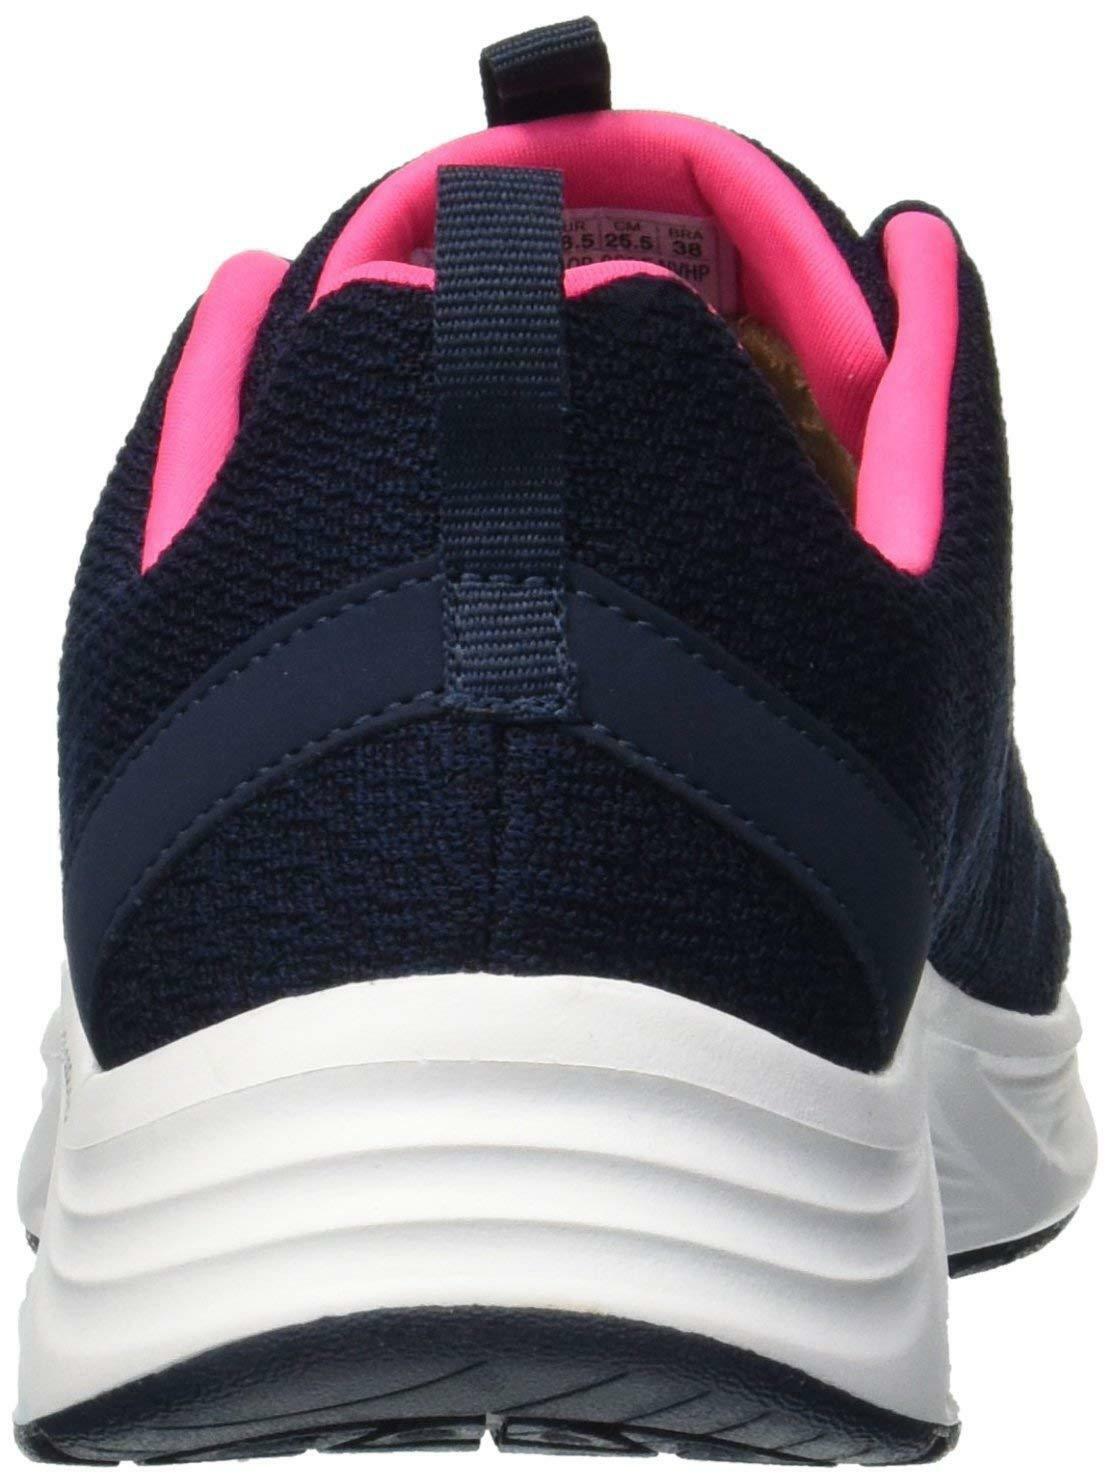 Skechers Women's Skyline Sneaker image 11